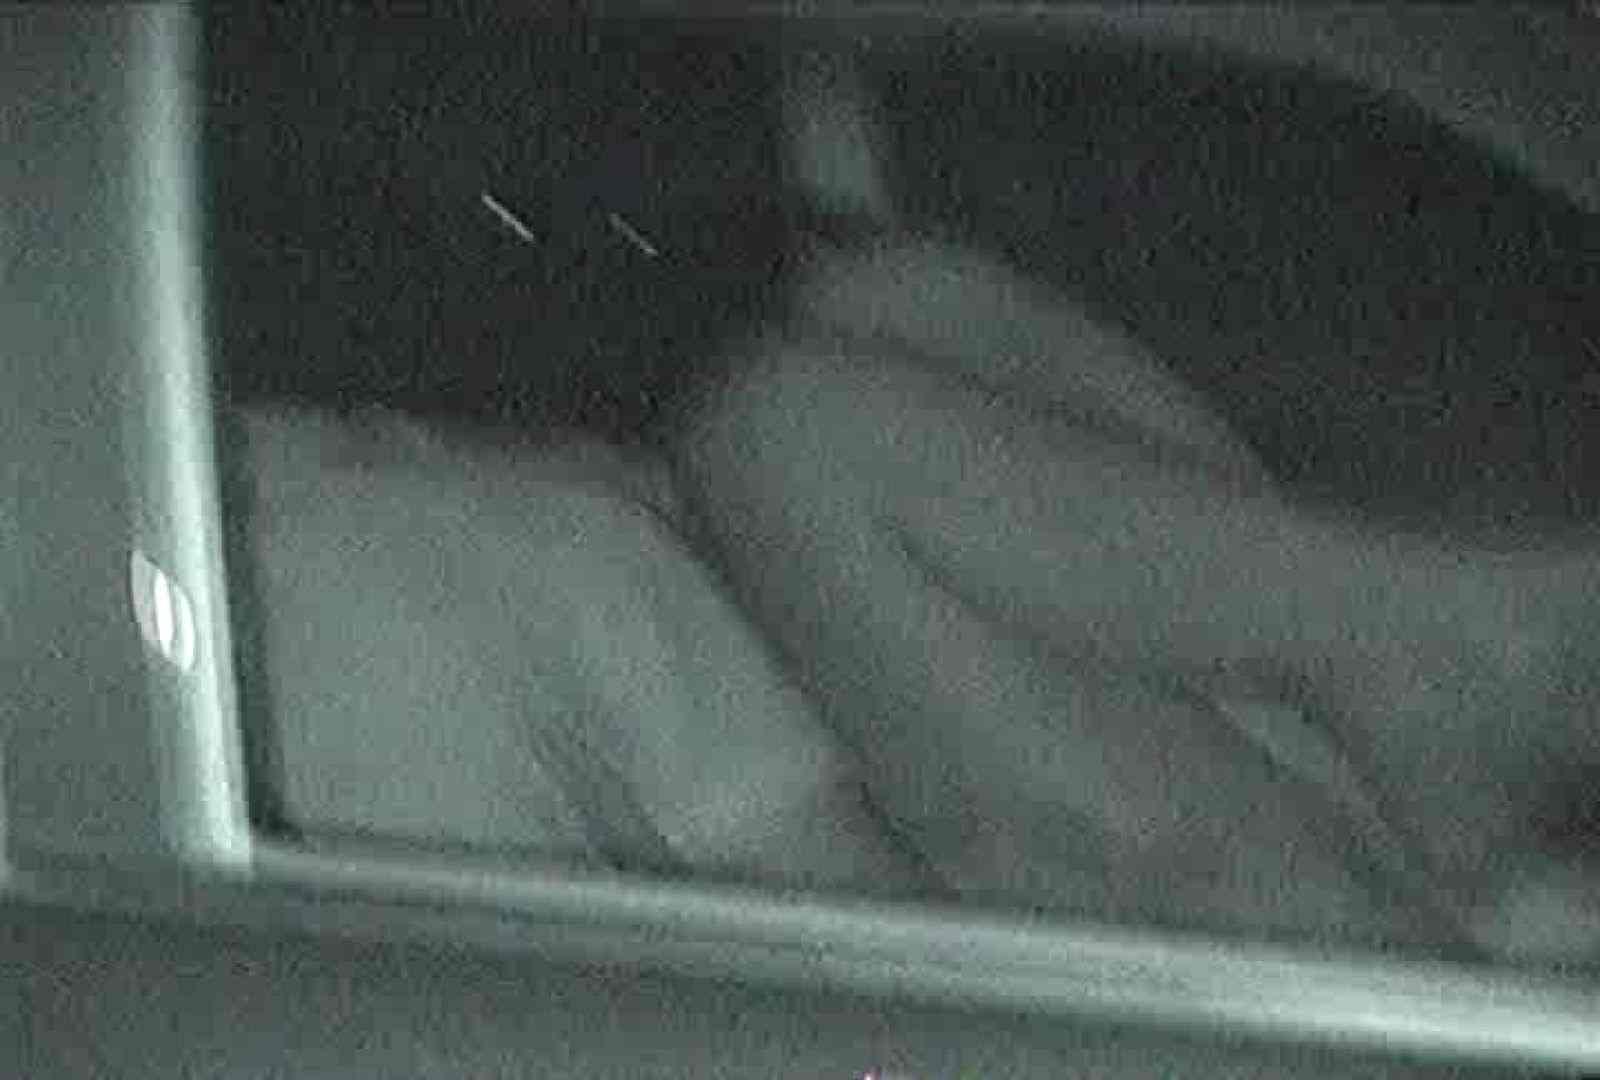 充血監督の深夜の運動会Vol.100 OLセックス  67画像 42